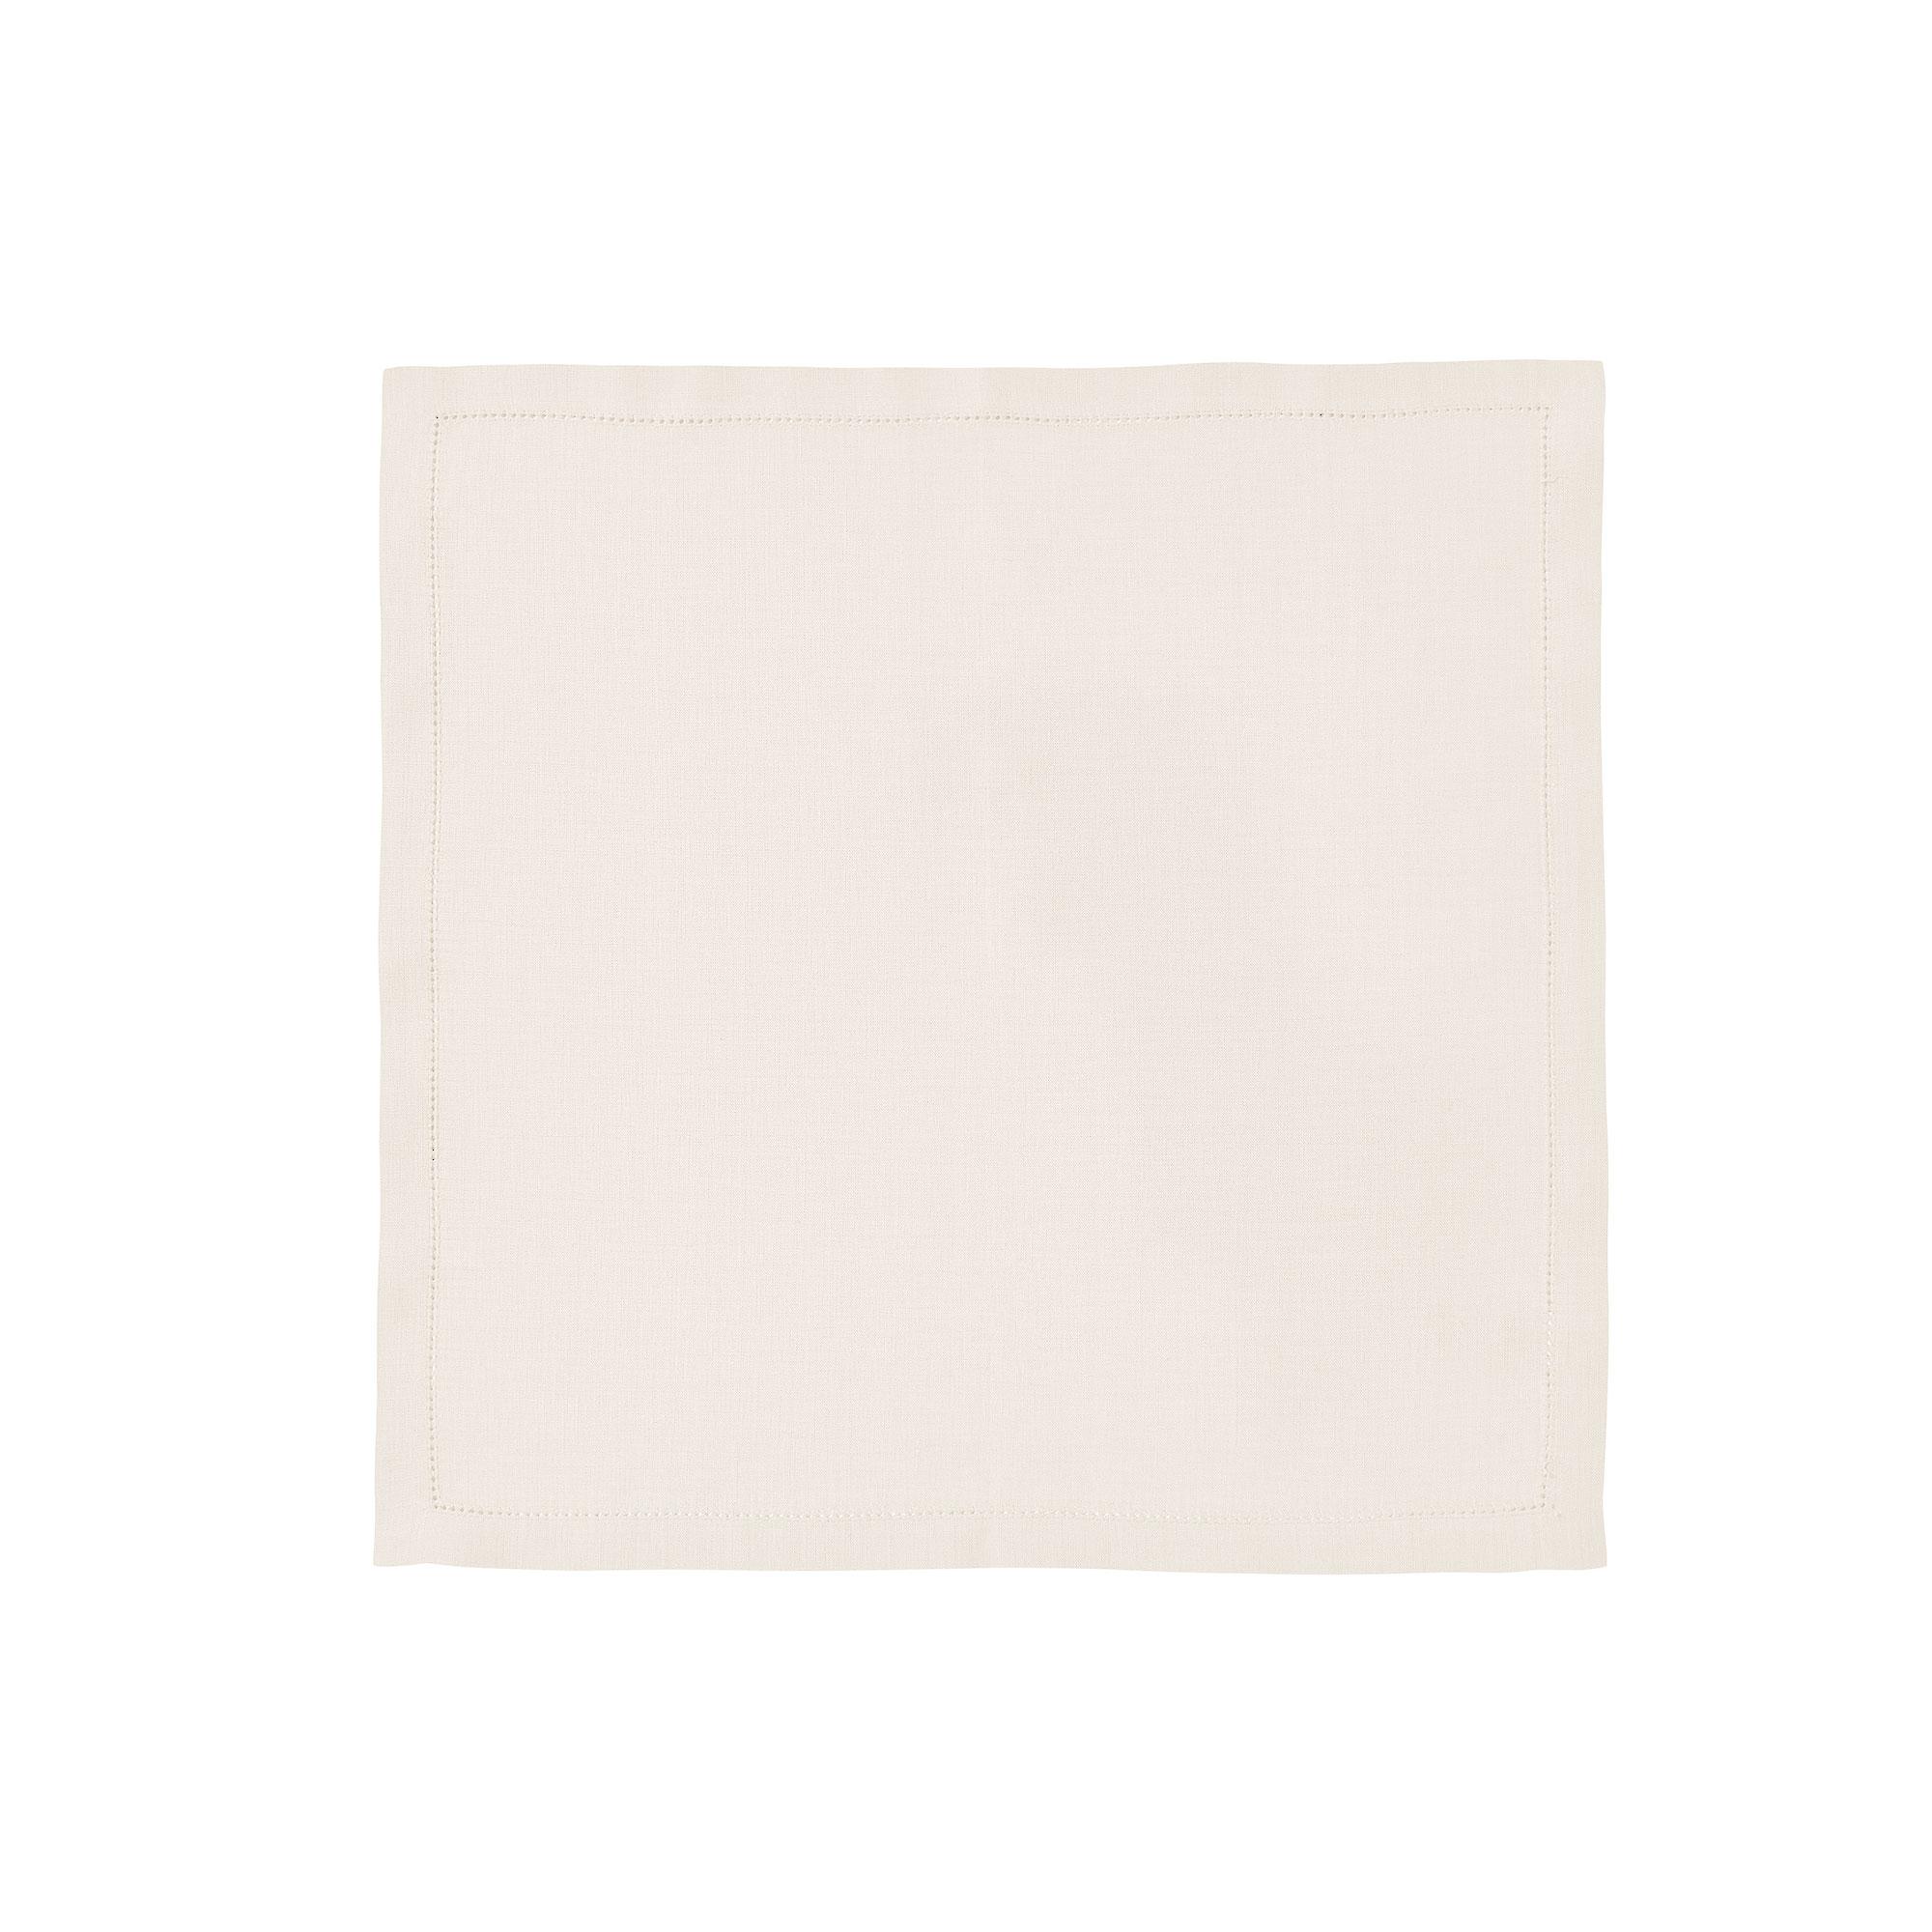 Serviette de table en lin blanc 45x45